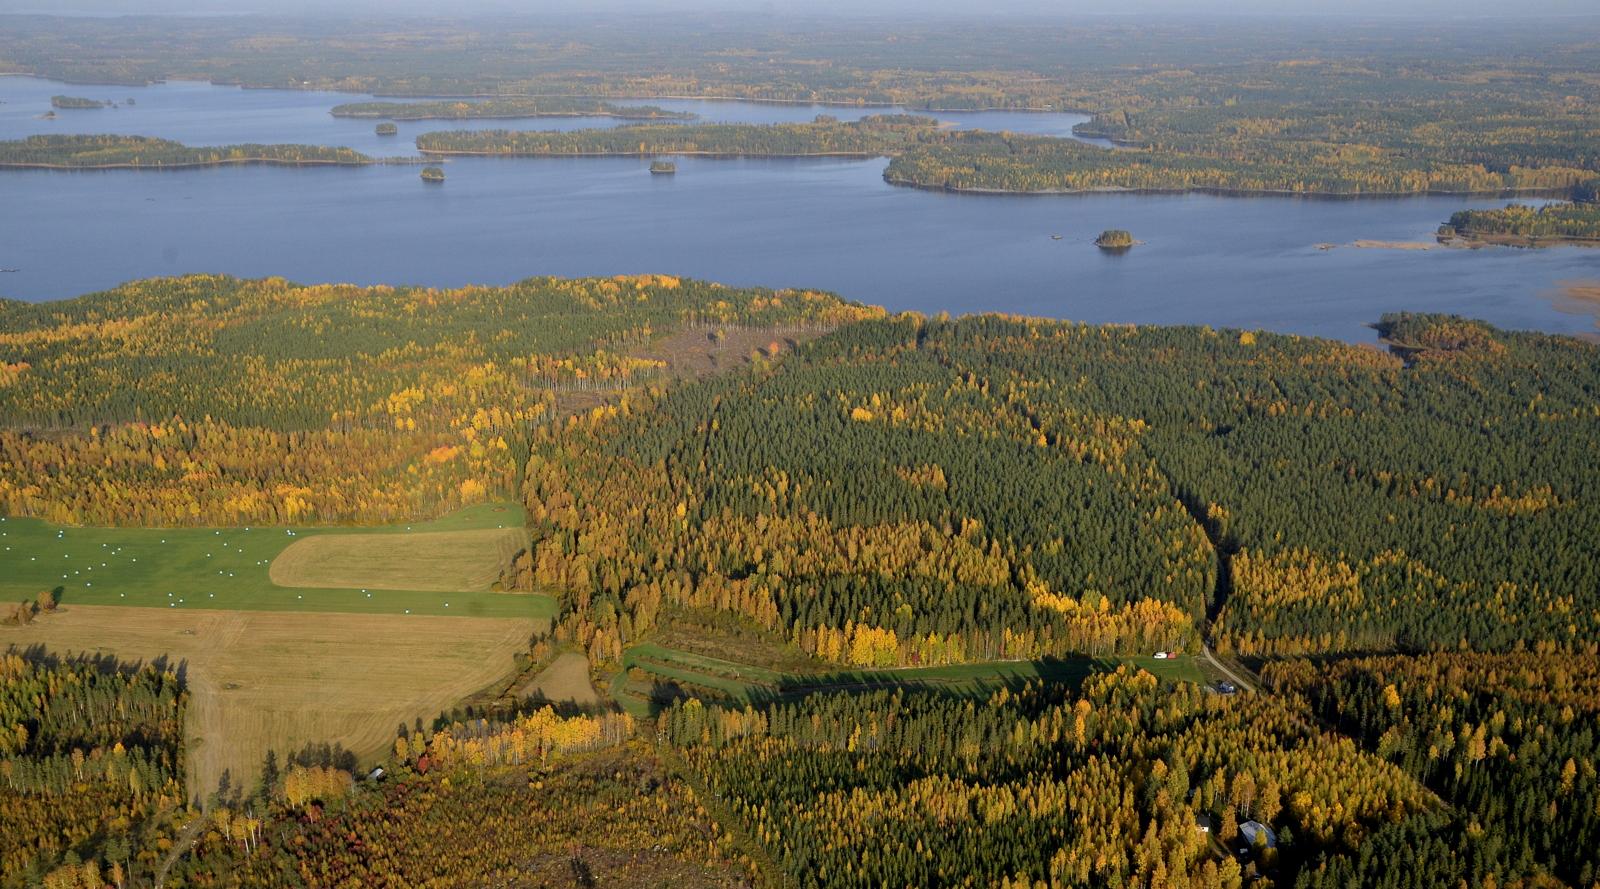 Siellä lentokenttä jo näkyykin kuvan oikeassa laidassa. Vuosjärvi taustalla ja sen takalaidalla oikealla Vuorilahti.